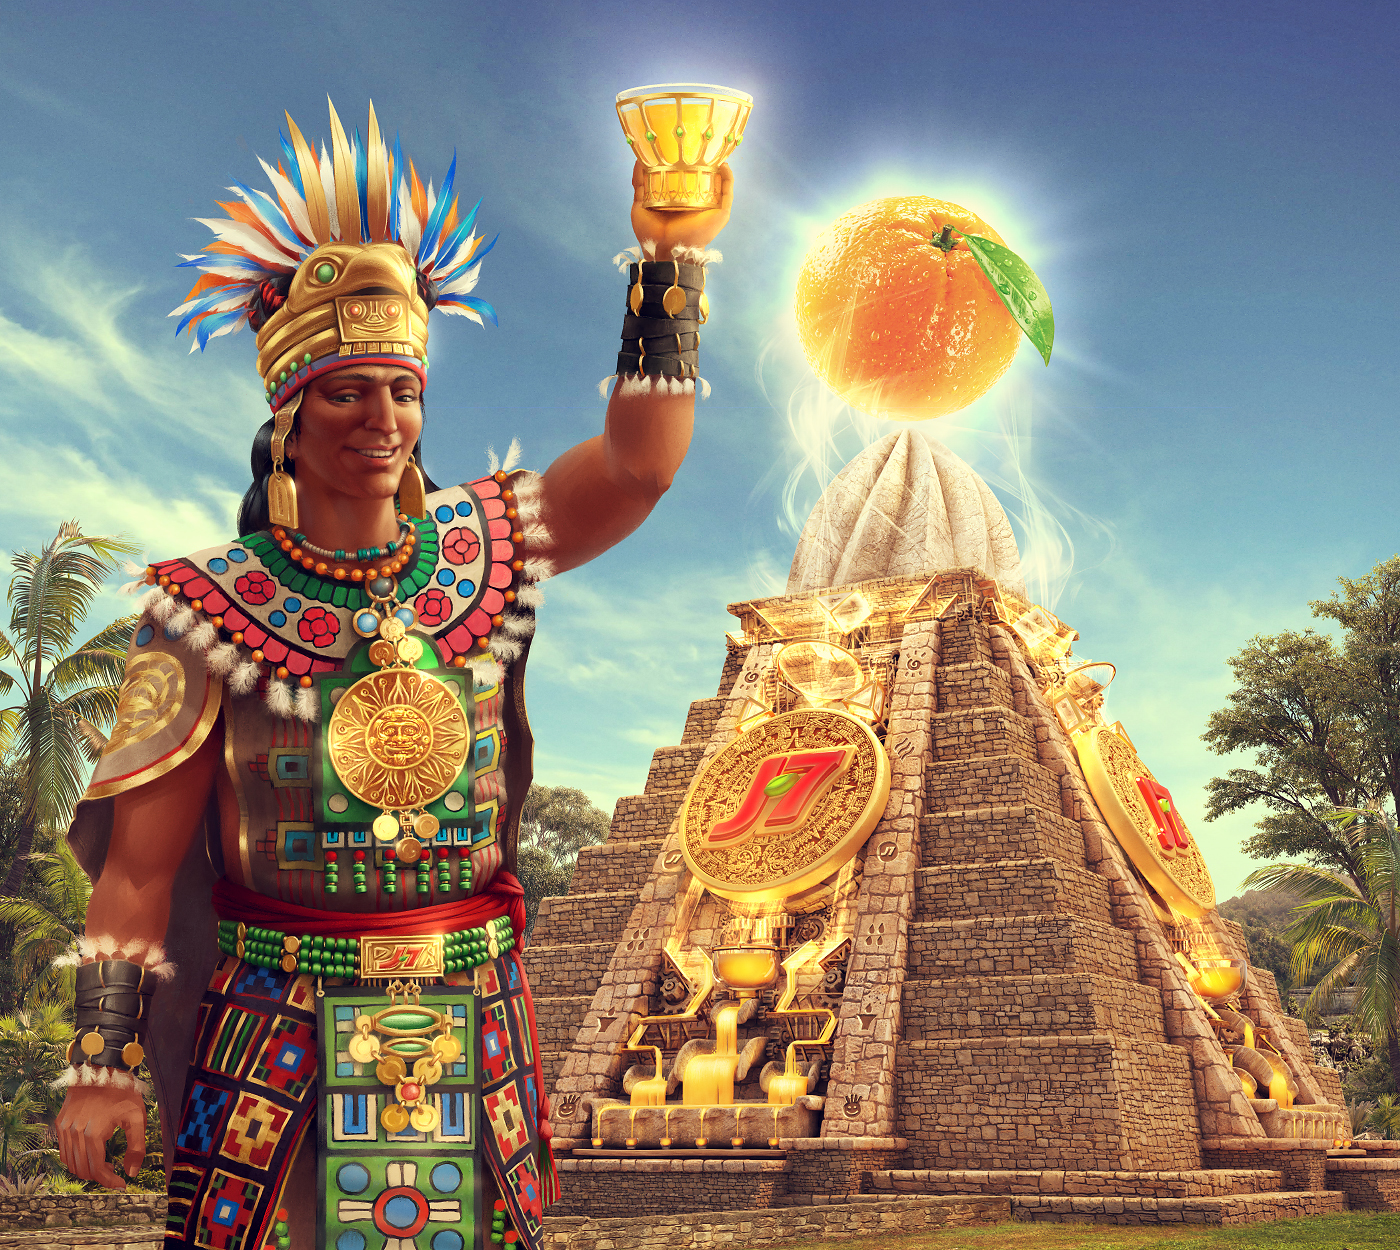 'Mayan Juicer' Ad Visual